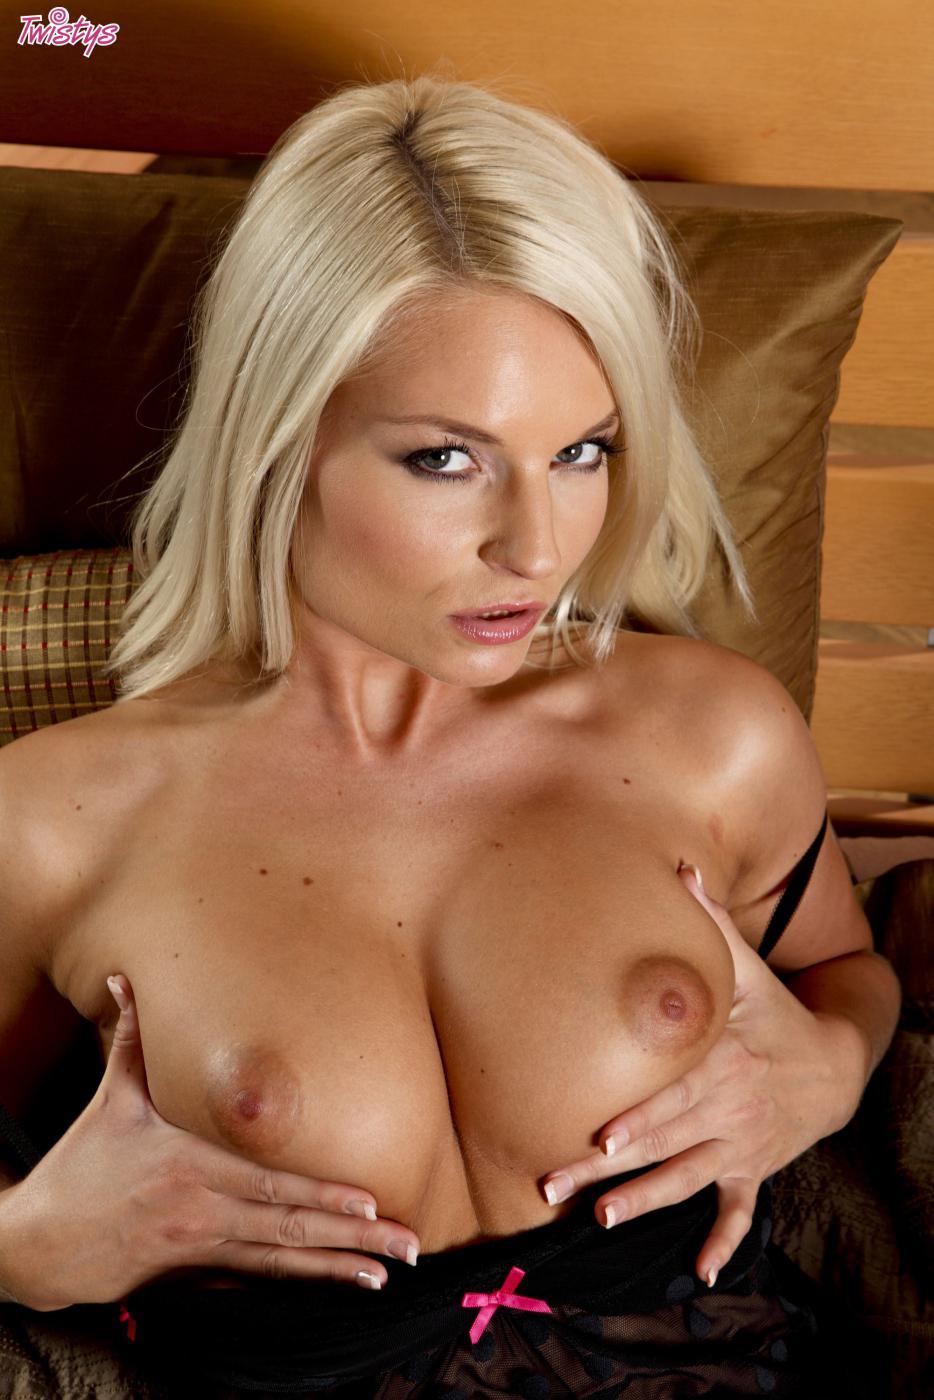 Возбужденная блондинка в белье Jessie Jazz страстно трахает свою киску самотыком